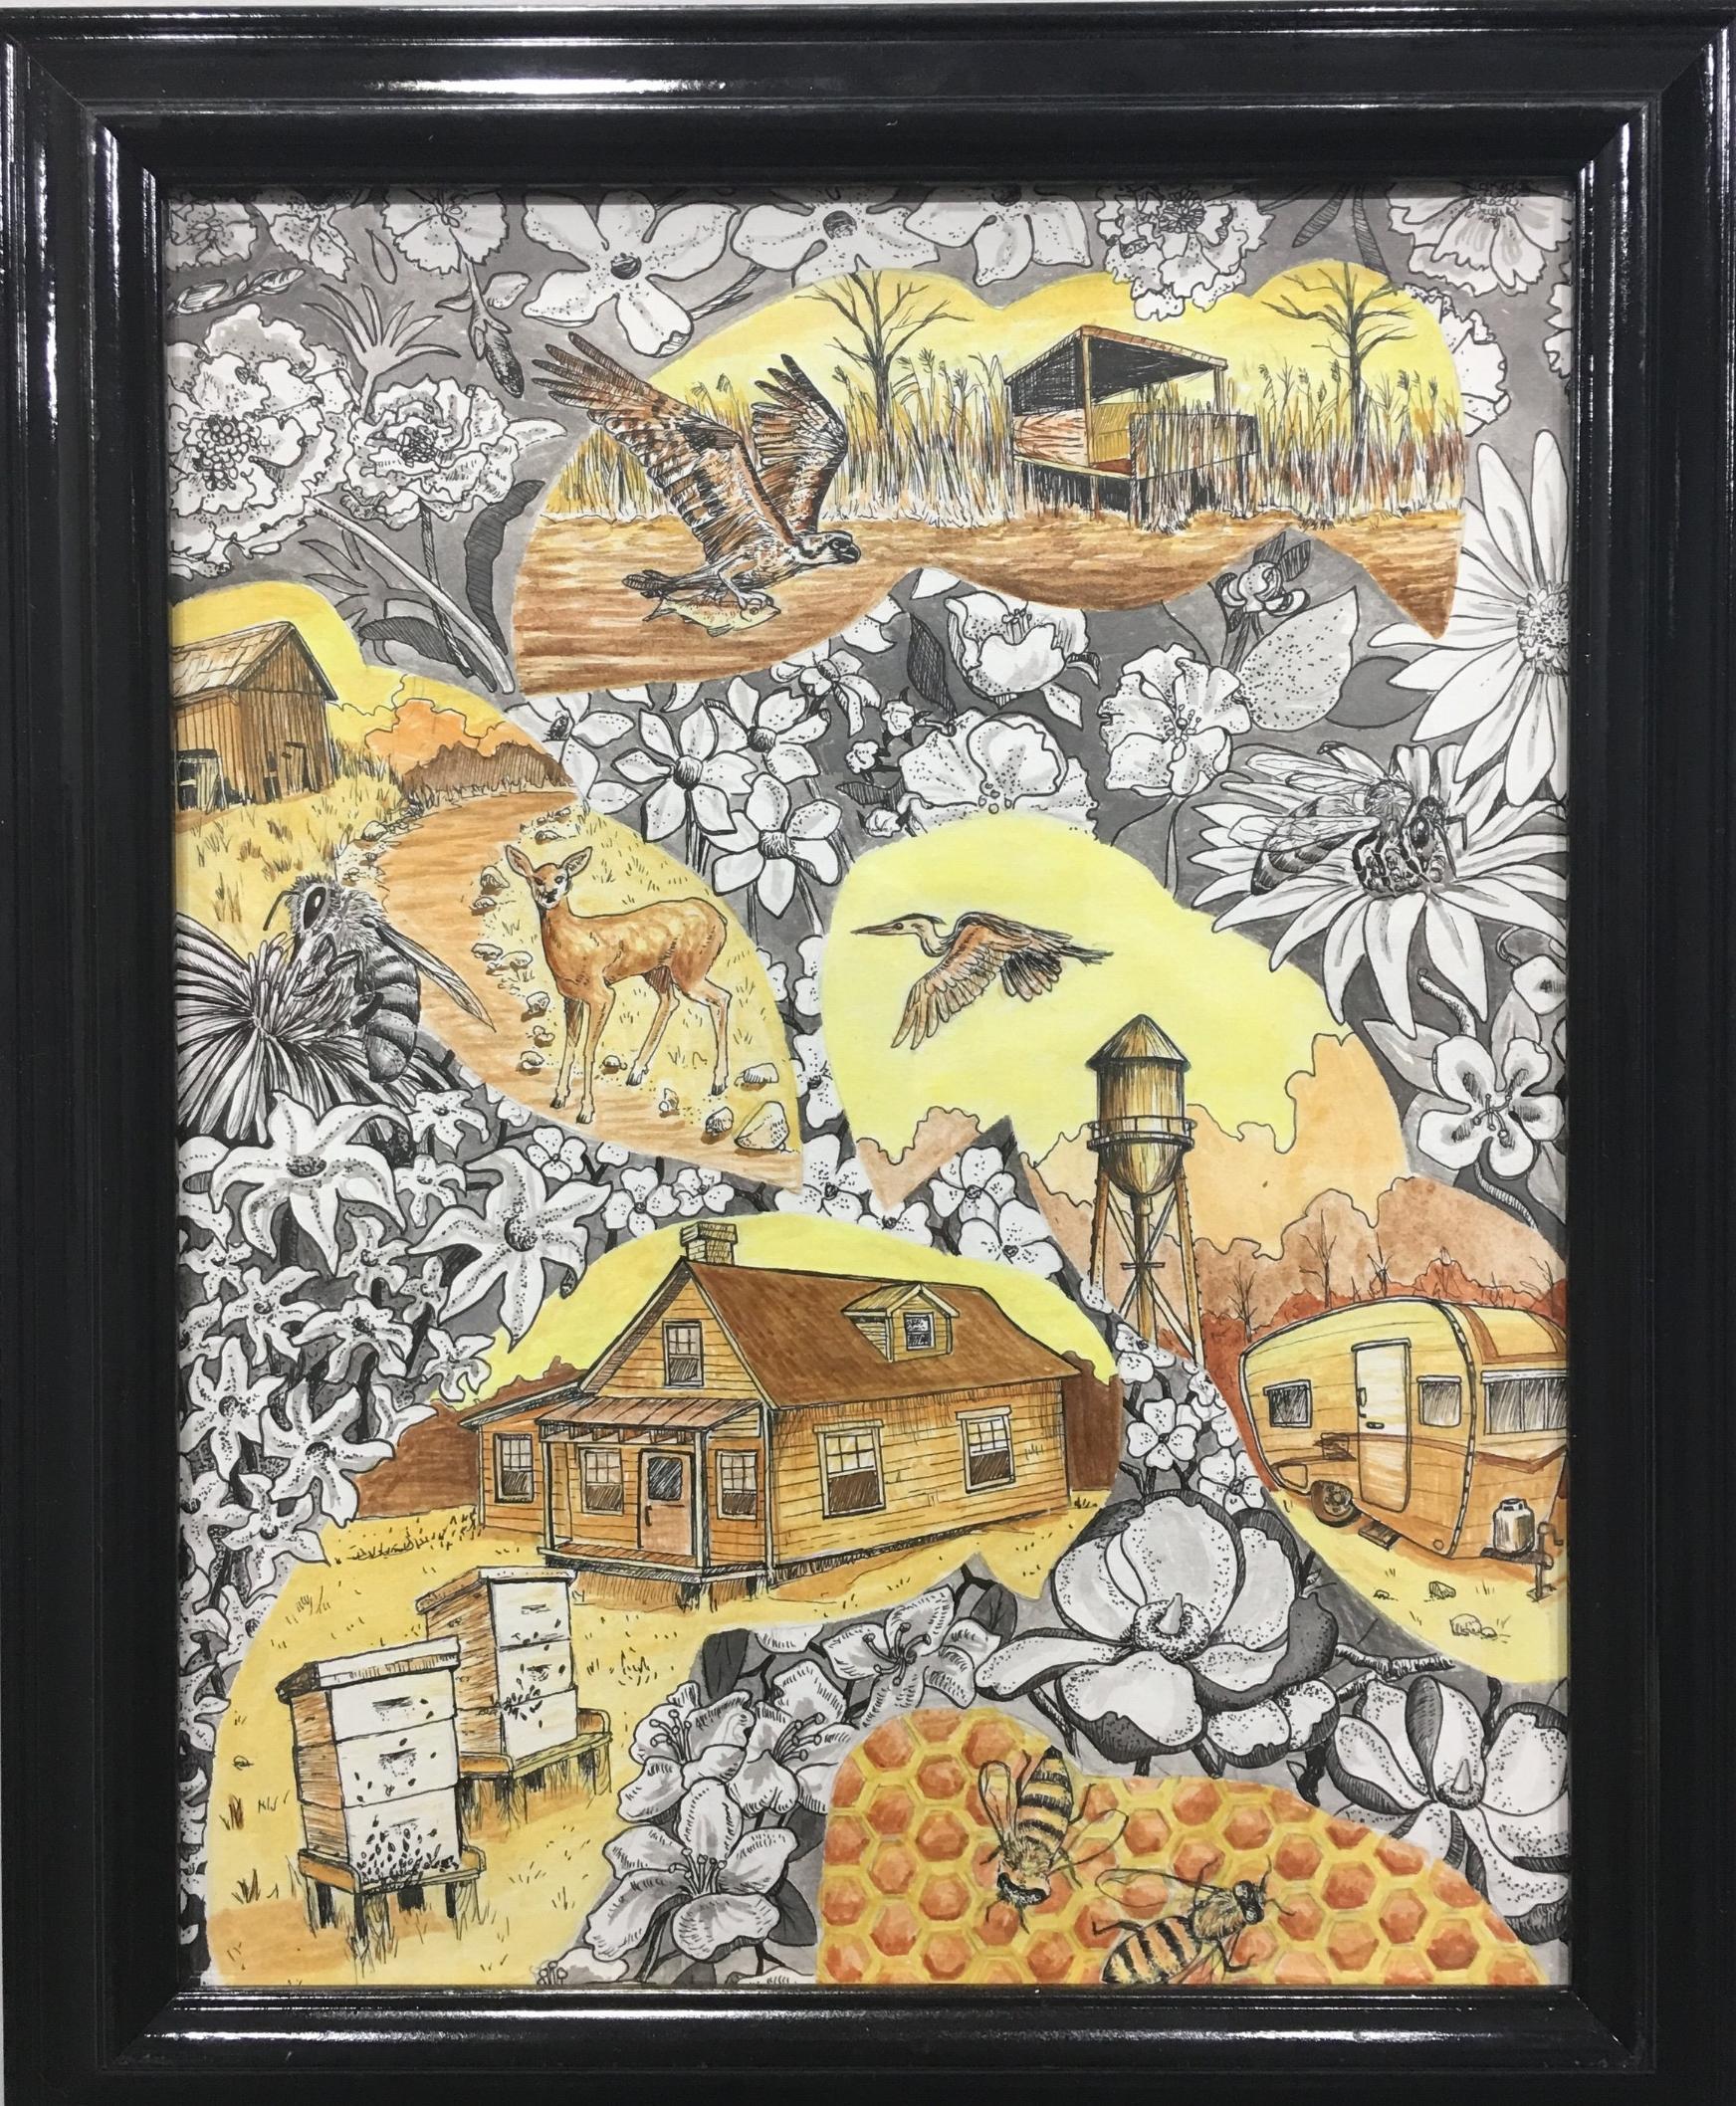 HETTEL BEE FARM $225